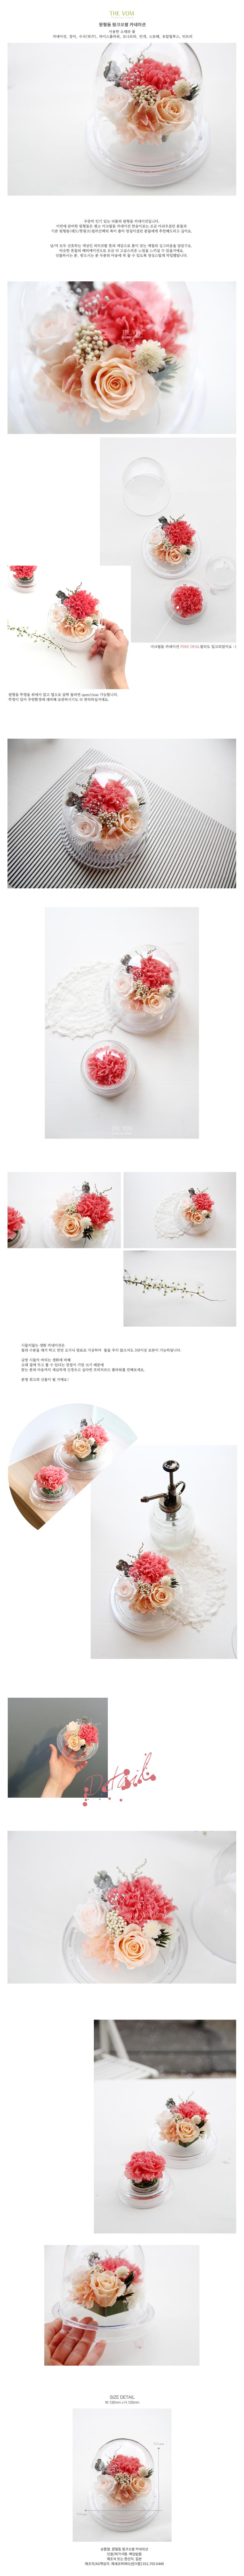 더봄 원형돔 카네이션 - 핑크오팔 - 프리저브드플라워, 52,200원, 조화, 프리저브드